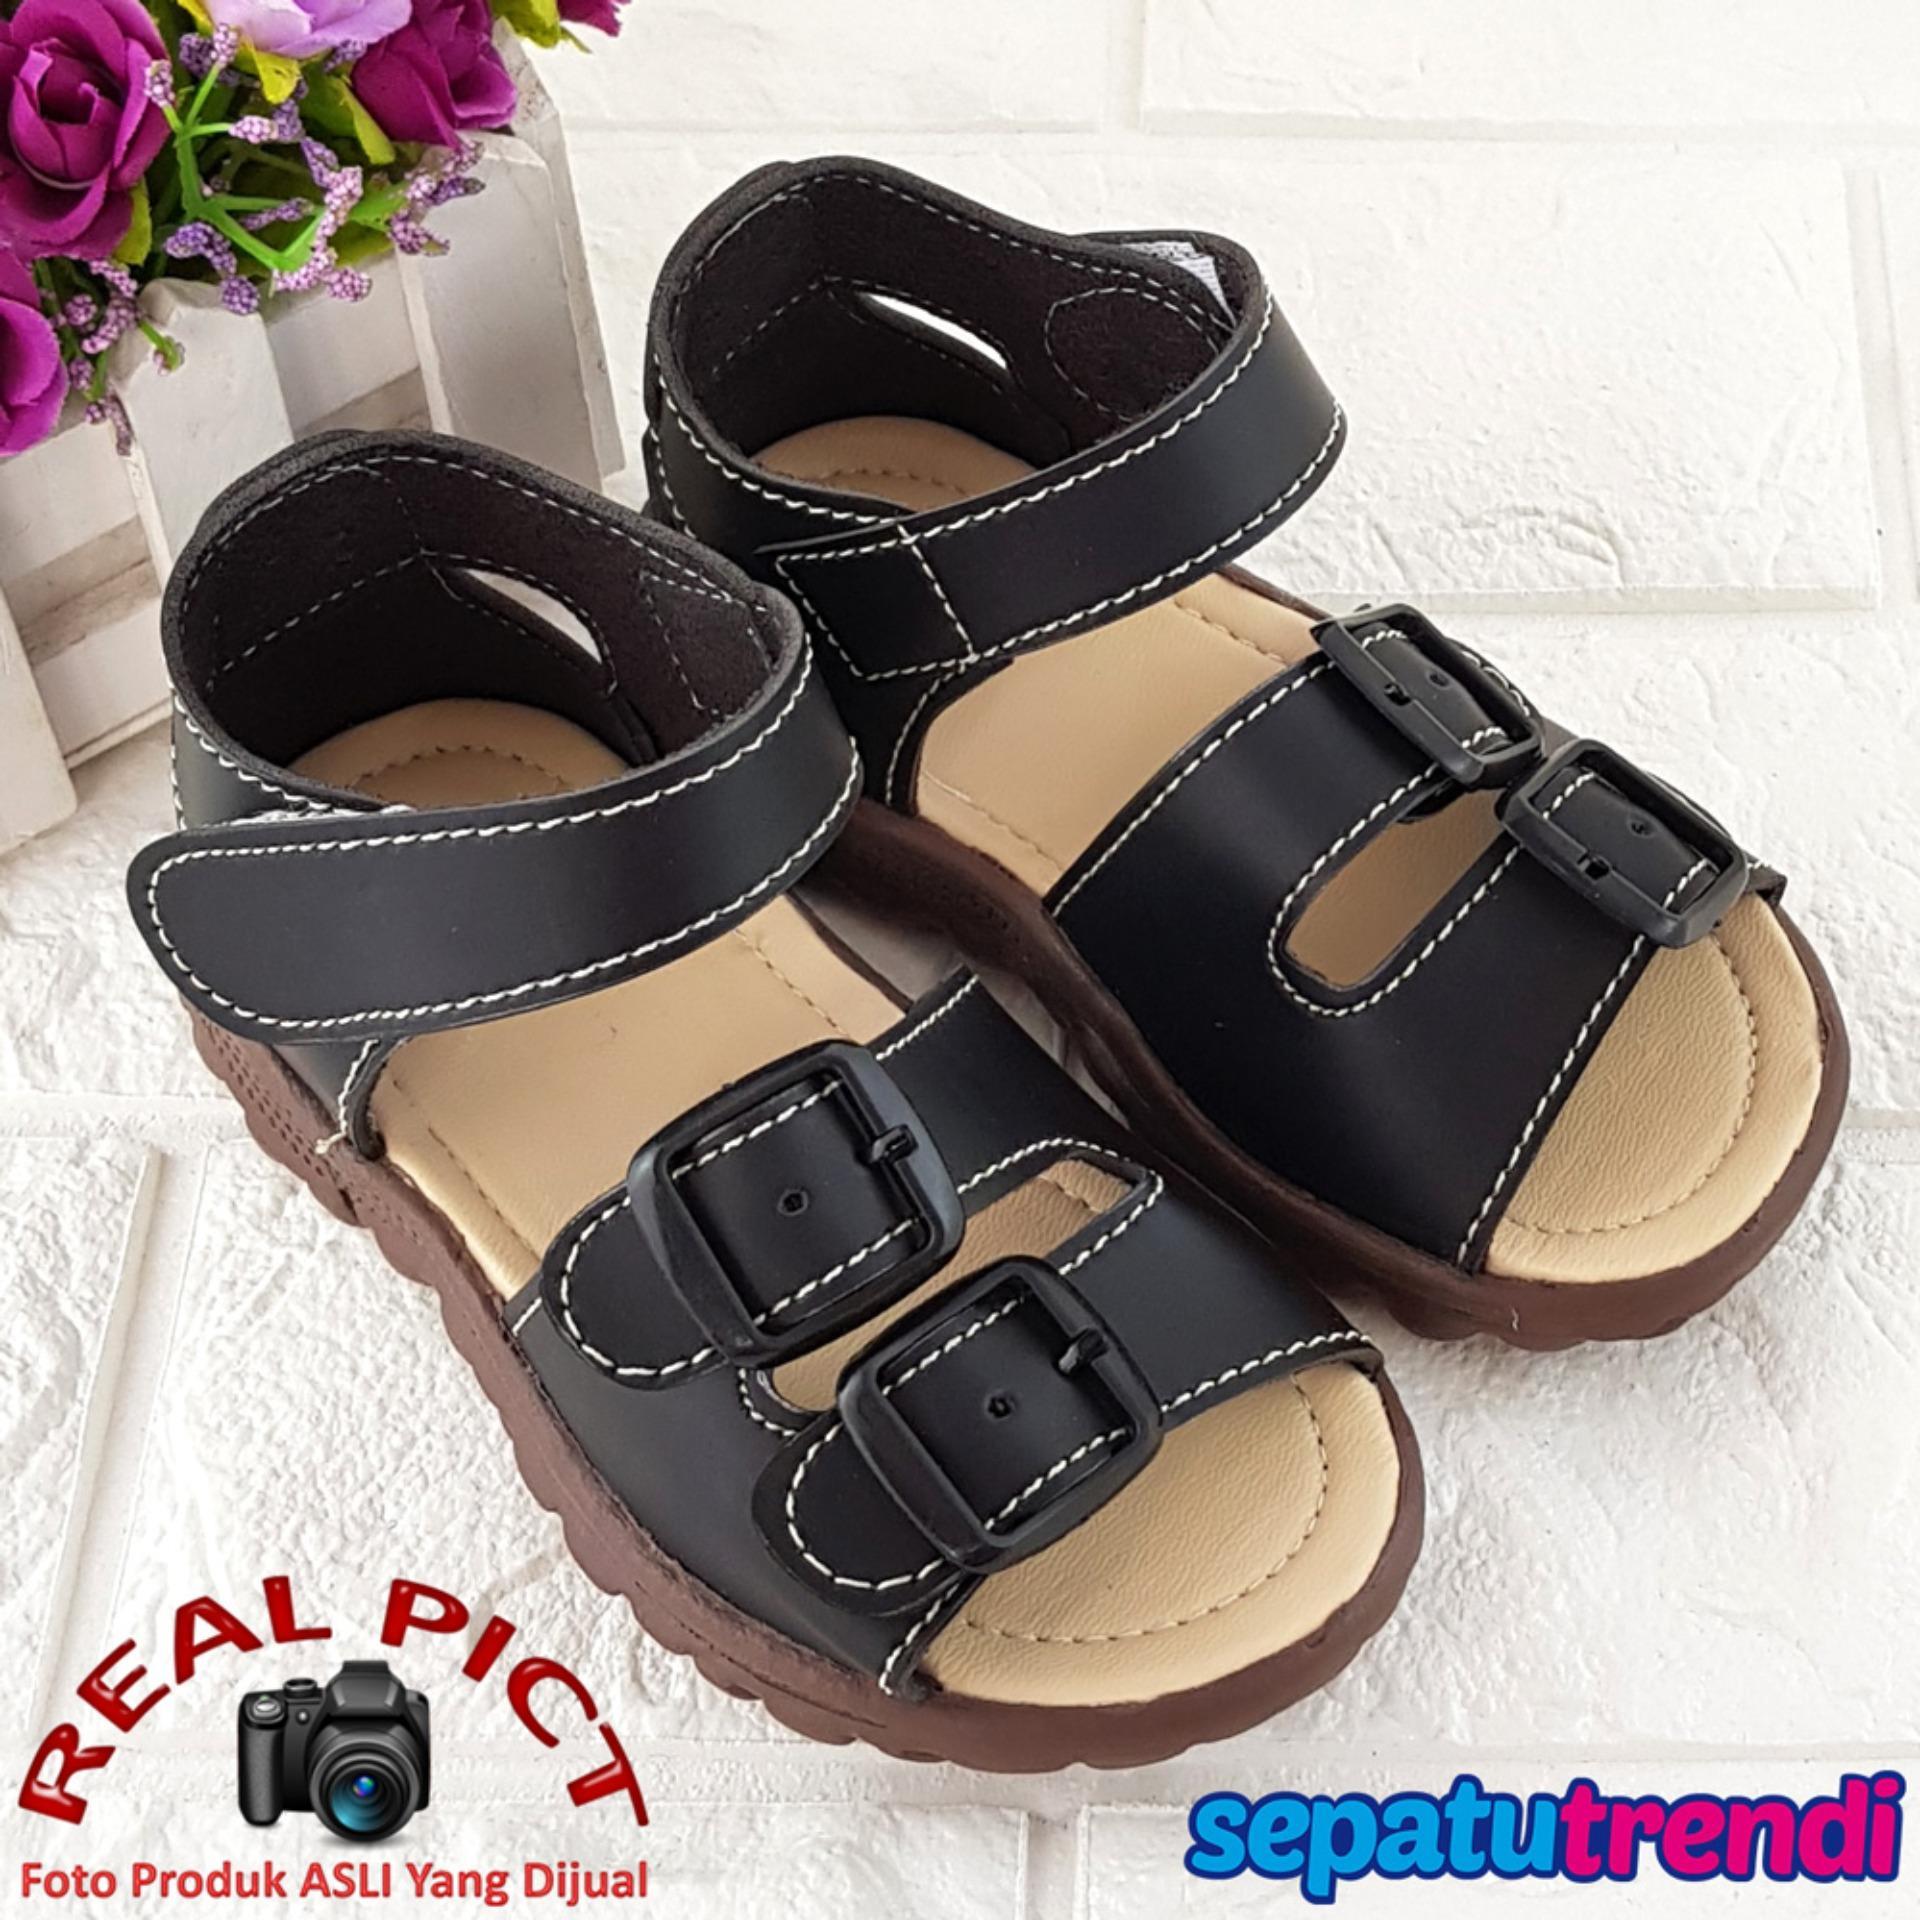 Toko Trendi Sepatu Sandal Anak Laki Laki Batita Gsp2 Lengkap